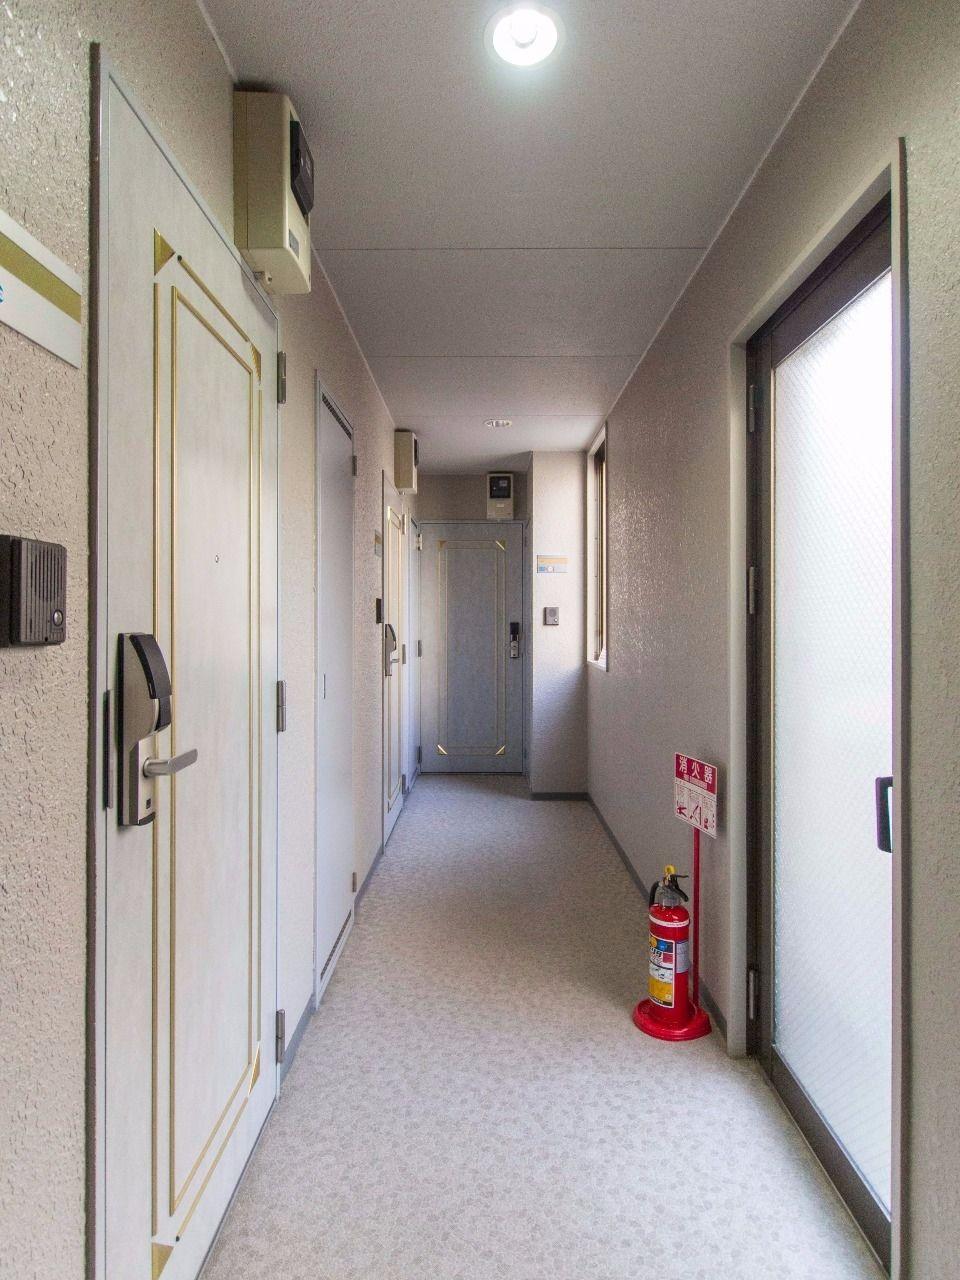 外部からお部屋の出入りを見られない室内型廊下